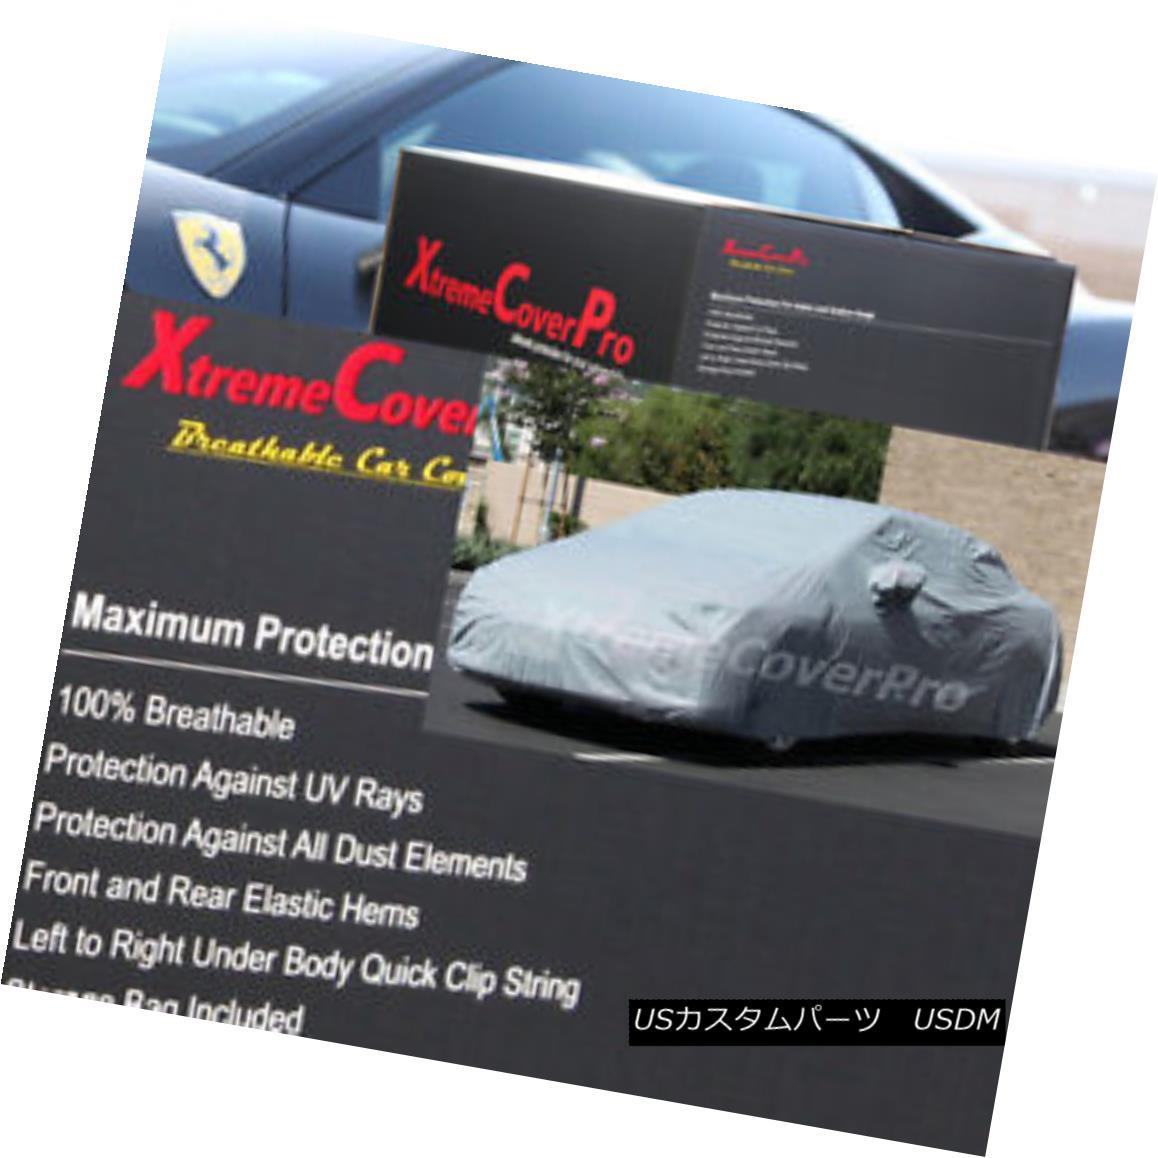 カーカバー 1993 1994 1995 Plymouth Acclaim Breathable Car Cover w/MirrorPocket 1993年1994年1995年プリマス・アキュレイム通気性車カバー付きMirrorPocket